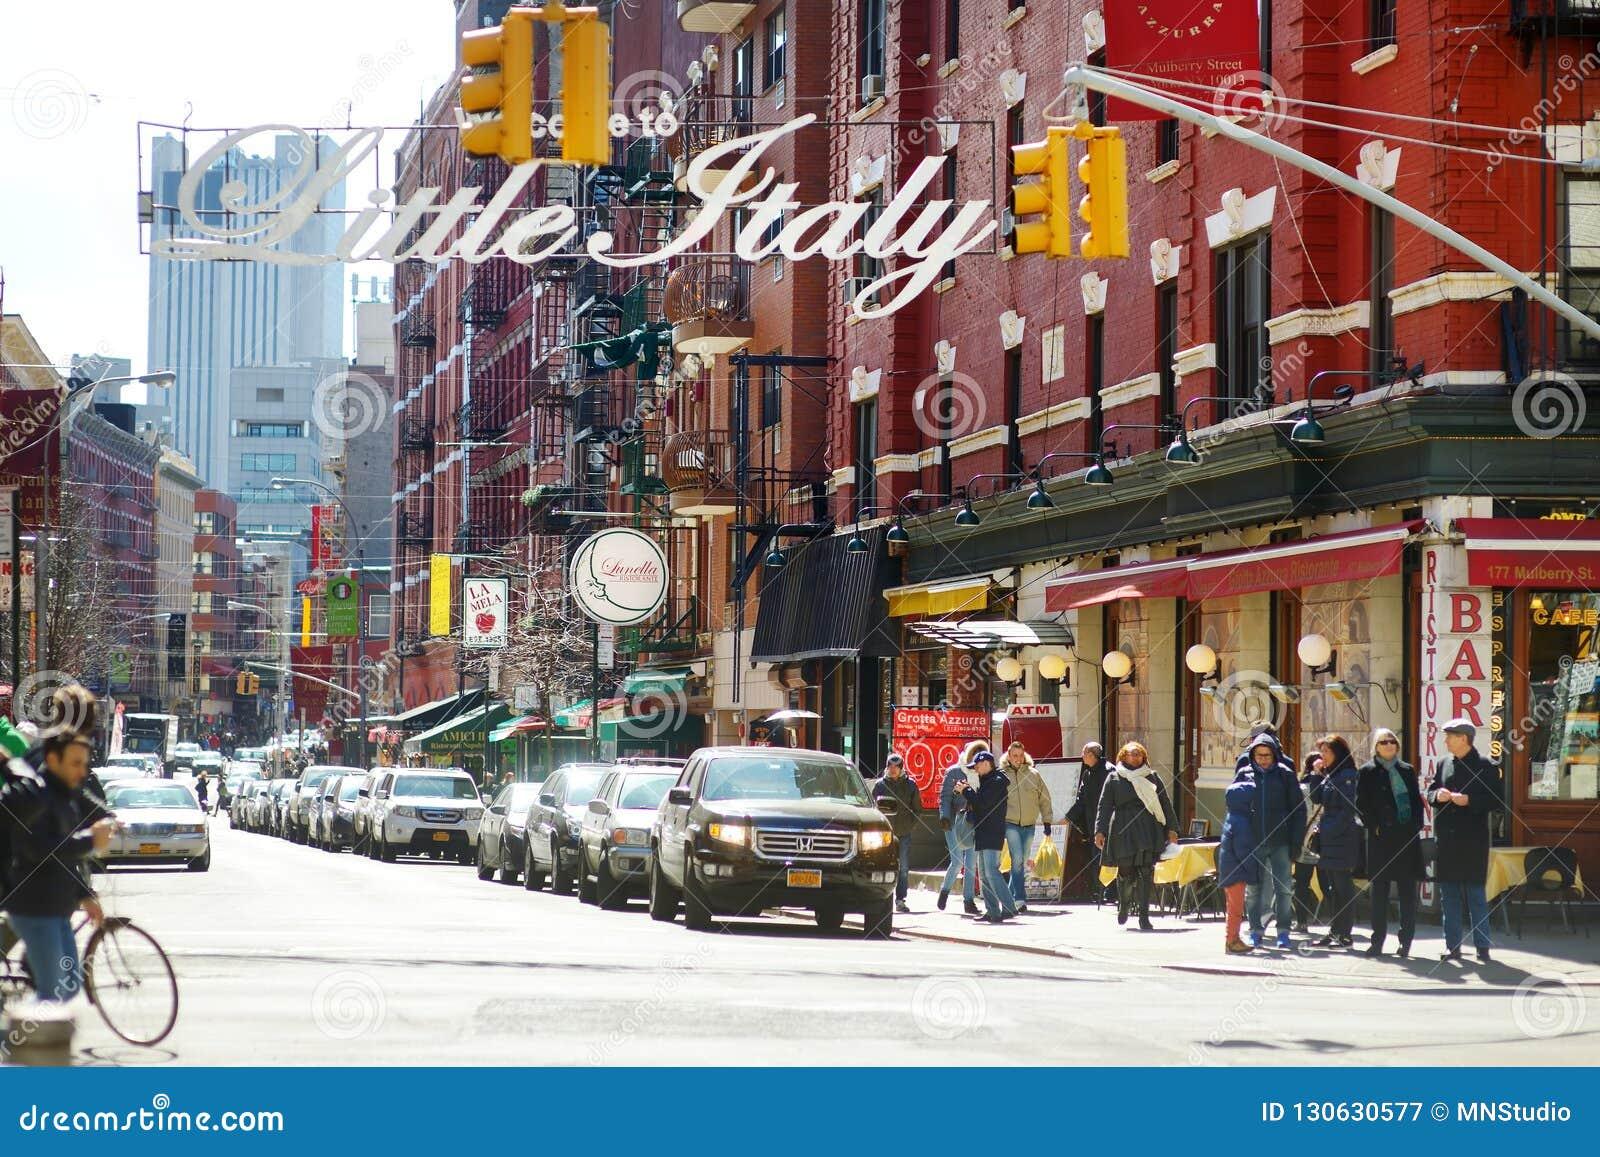 """НЬЮ-ЙОРК - 21-ОЕ МАРТА 2015: """"Гостеприимсво к знак маленькой Италии """"в итальянской общине названной Маленьк Италией в городском М"""